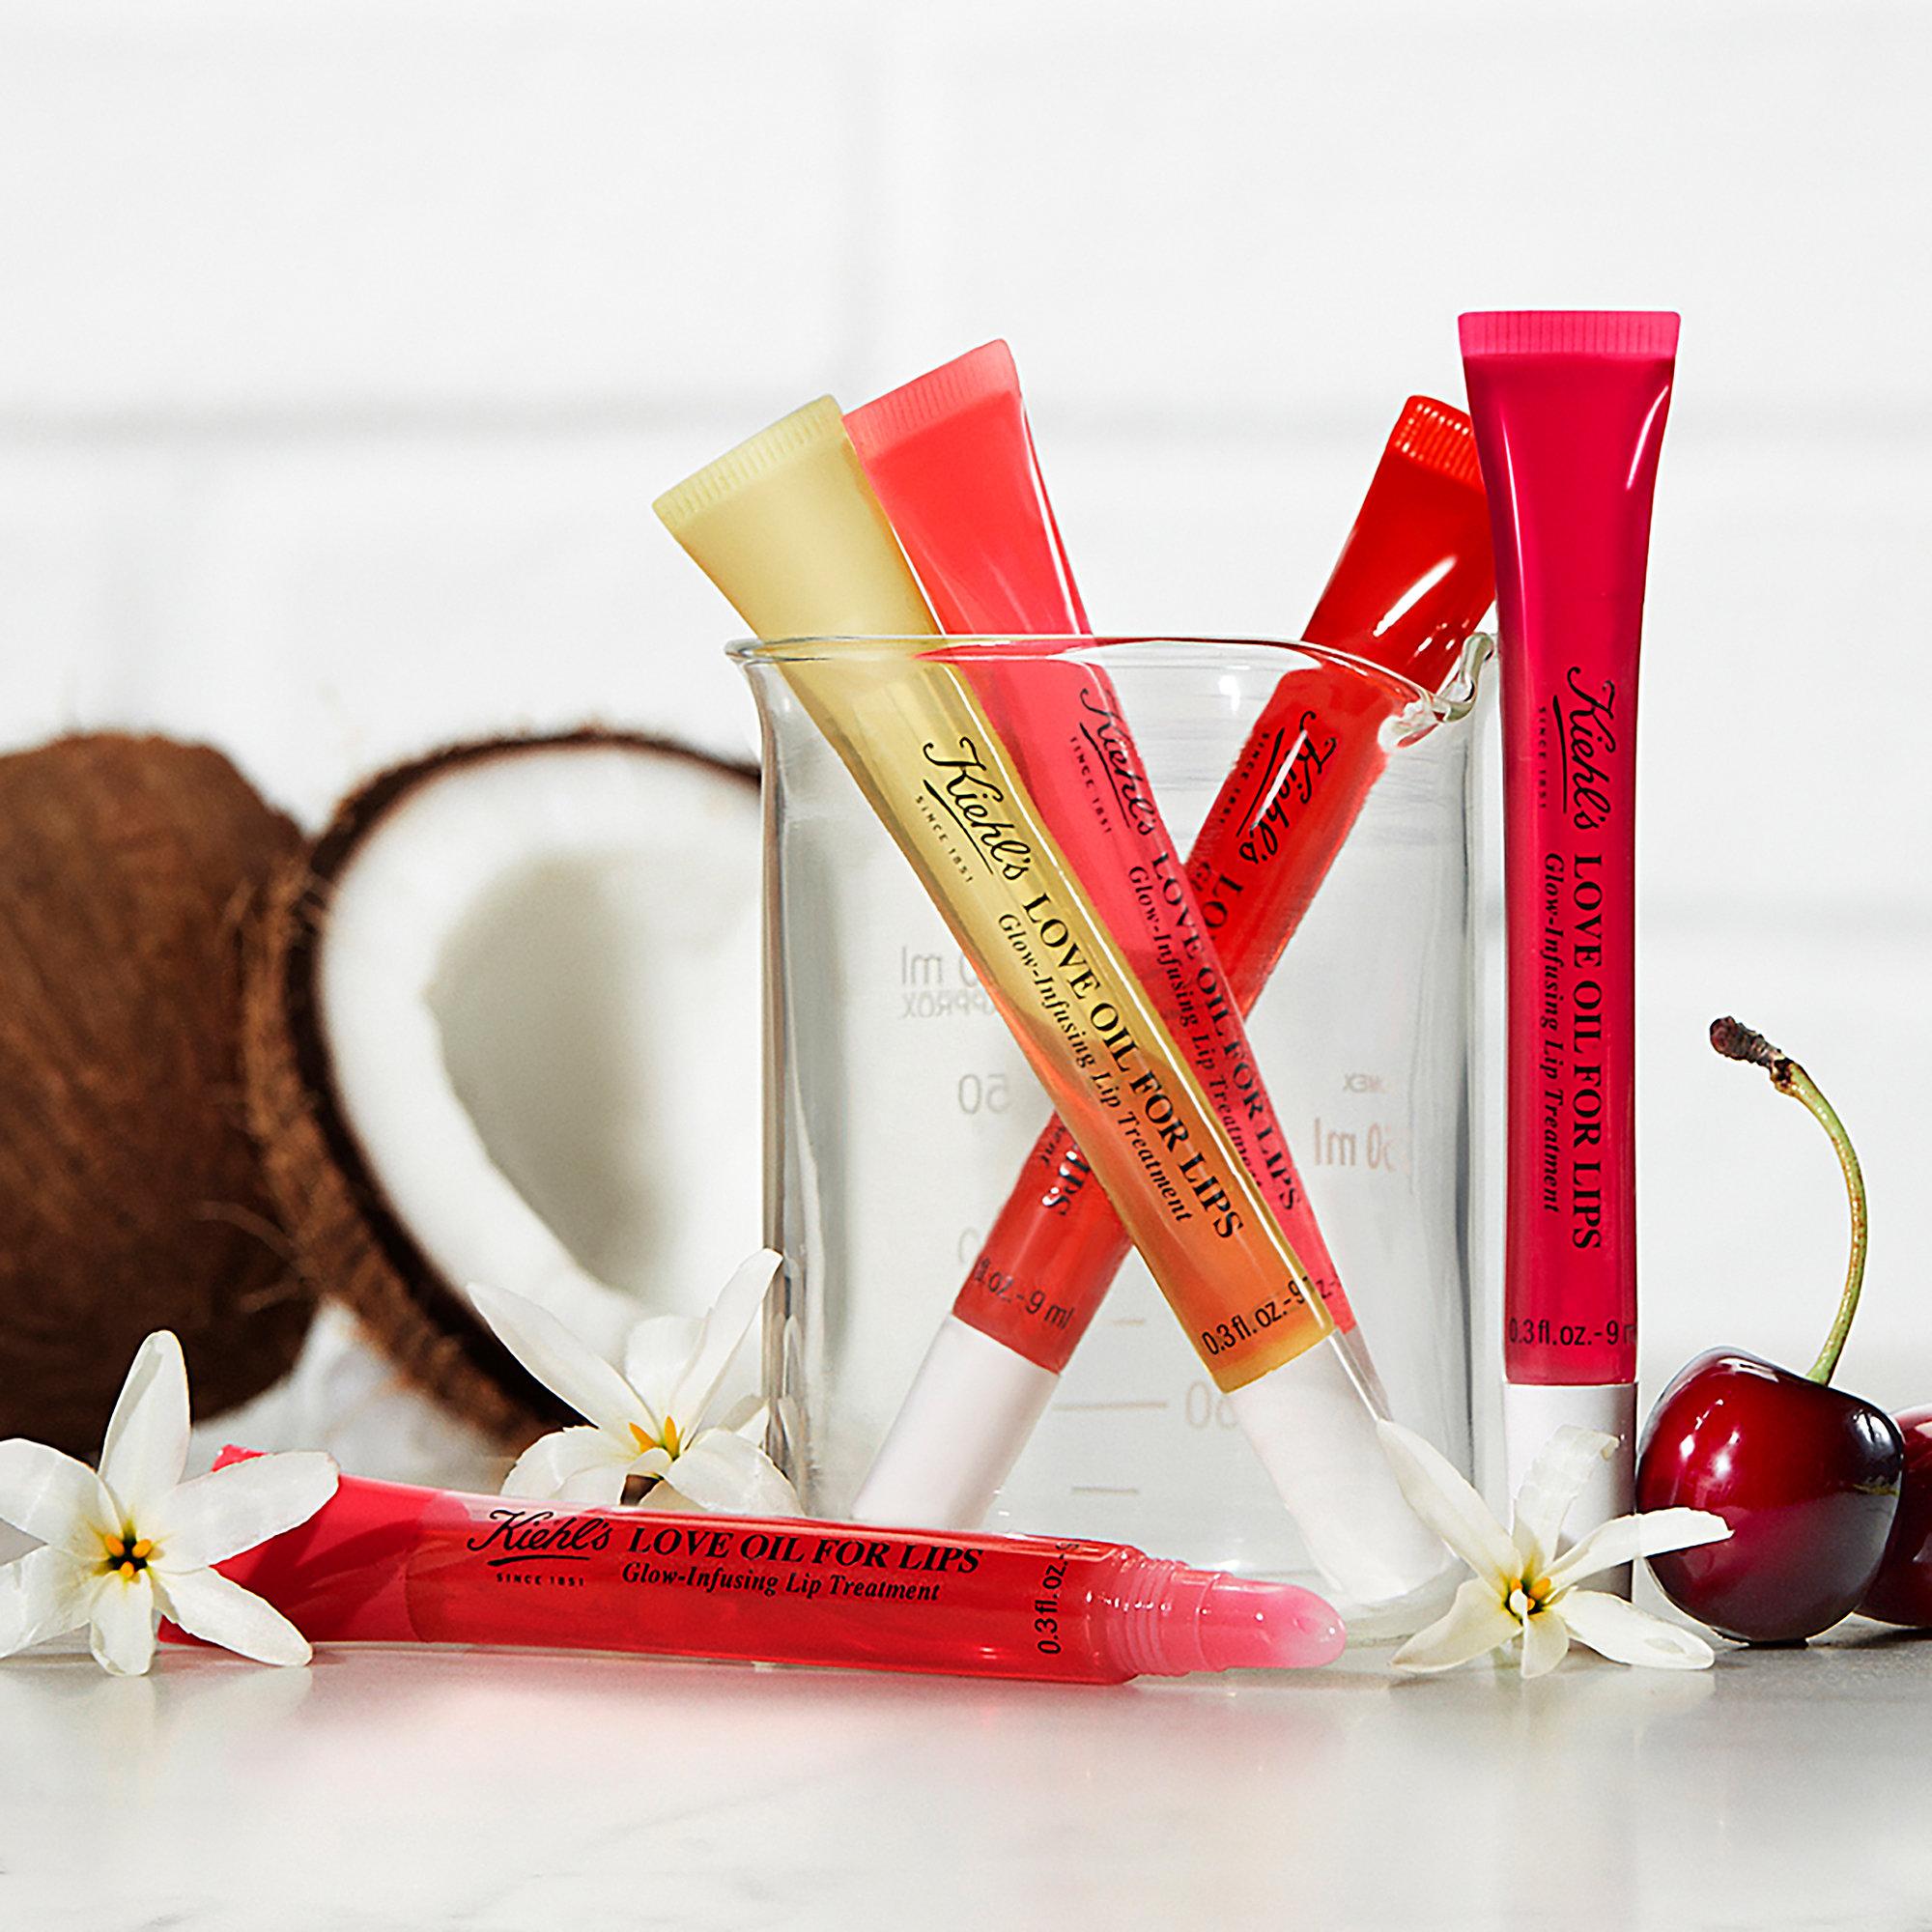 Kiehls Love Oil for Lips Trattamenti Labbra - Info, review, recensione, opinioni, prezzo, dove acquistare - Cover